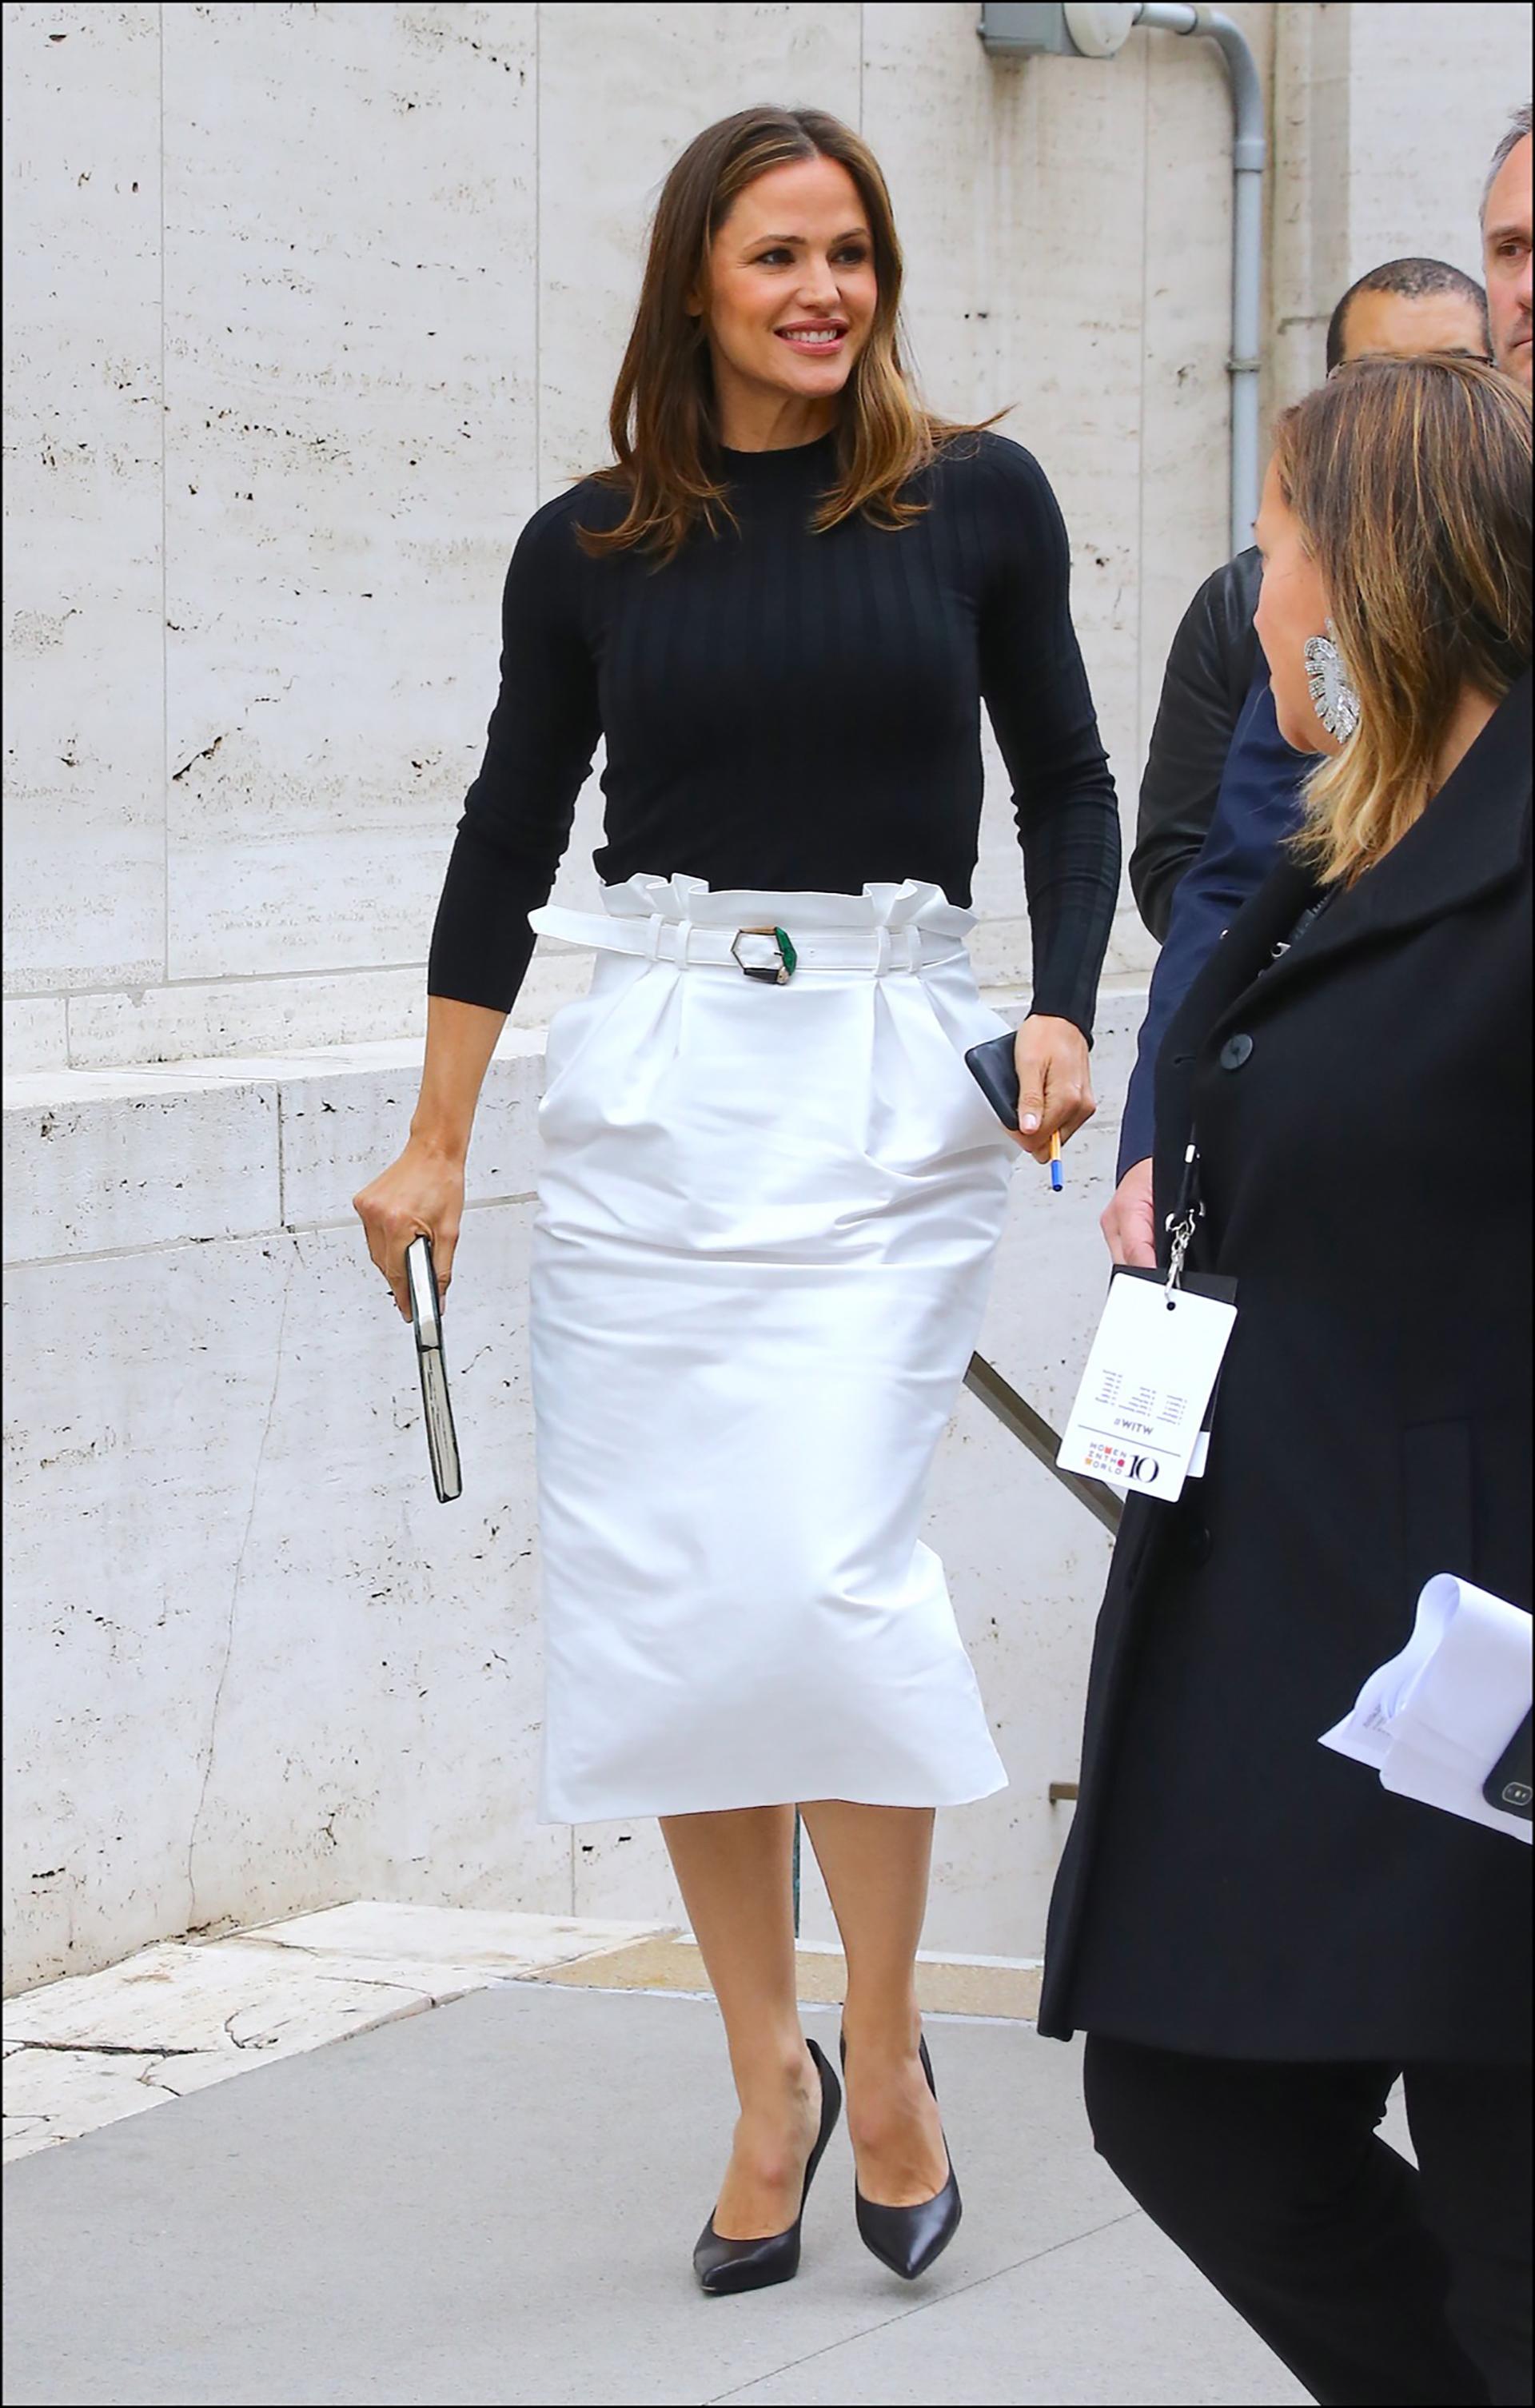 Así se la vio a la actriz enLincoln Center, Nueva York, el pasado11 abril.